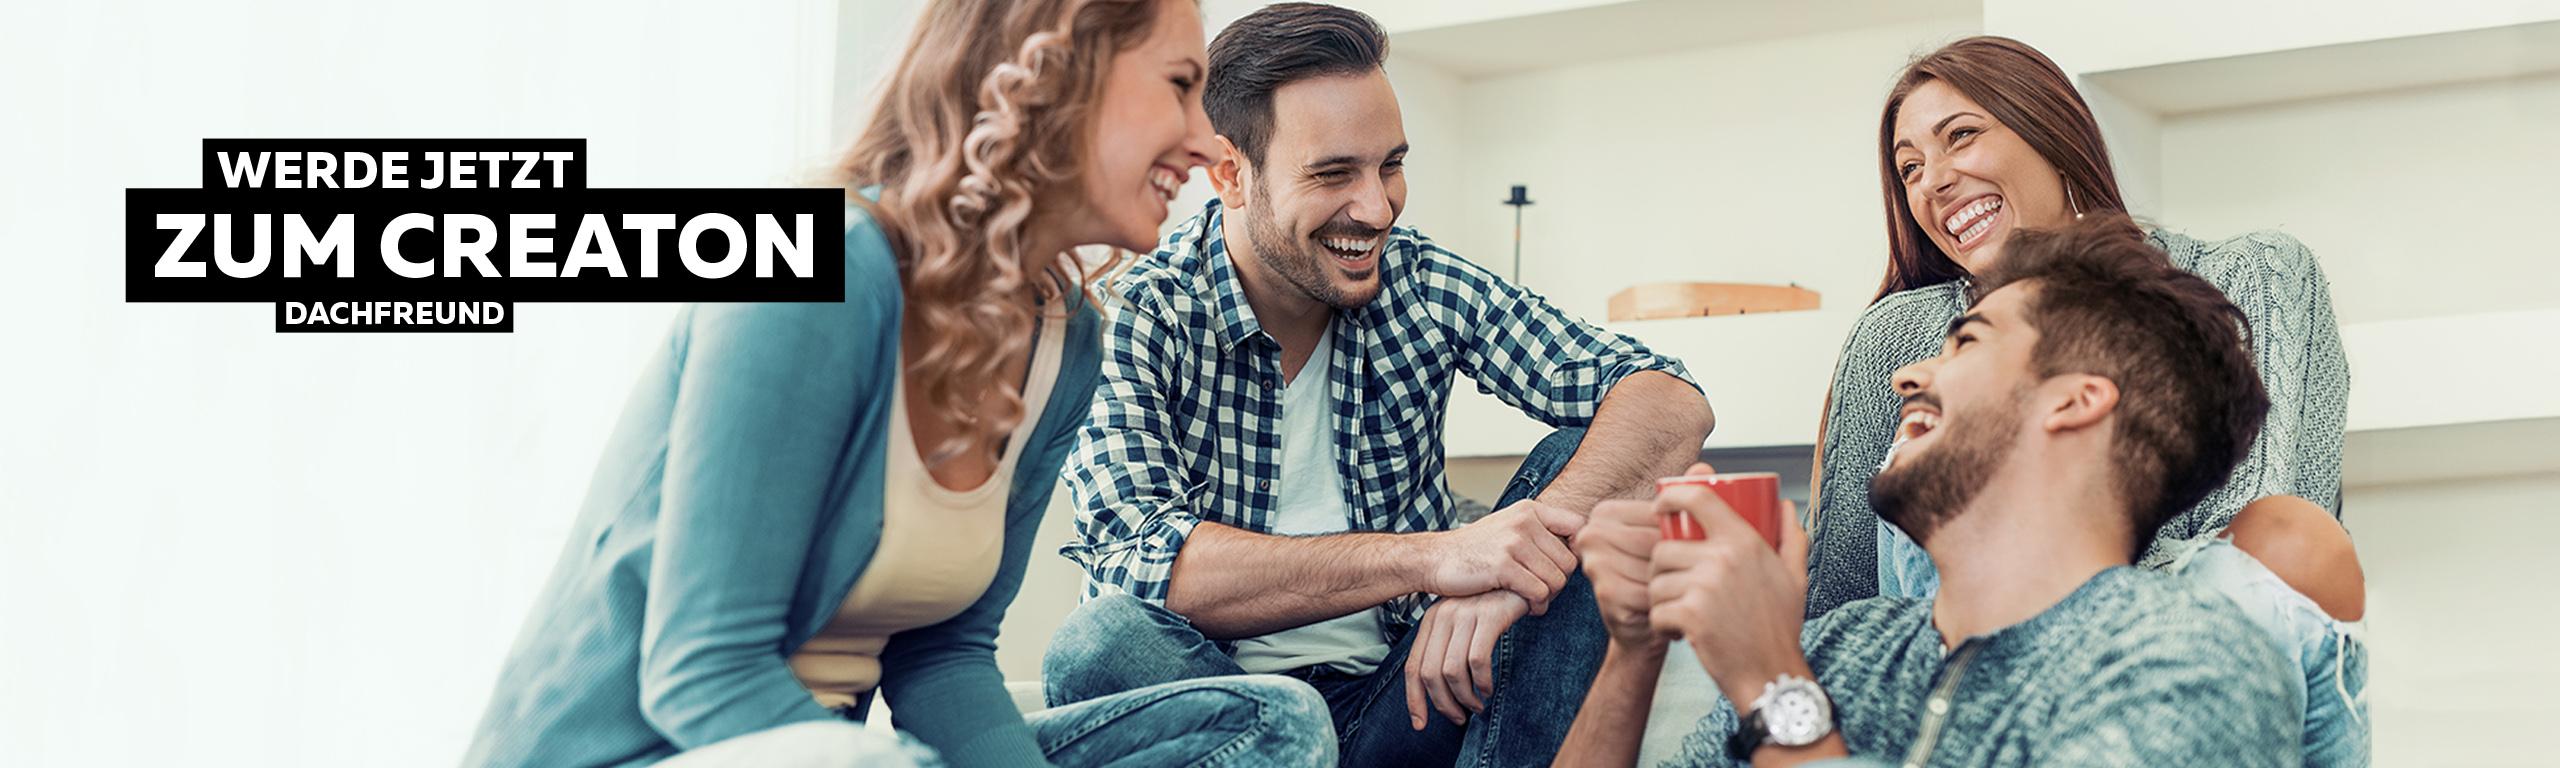 Dachfreunde - Werde jetzt zum CREATON Dachfreund